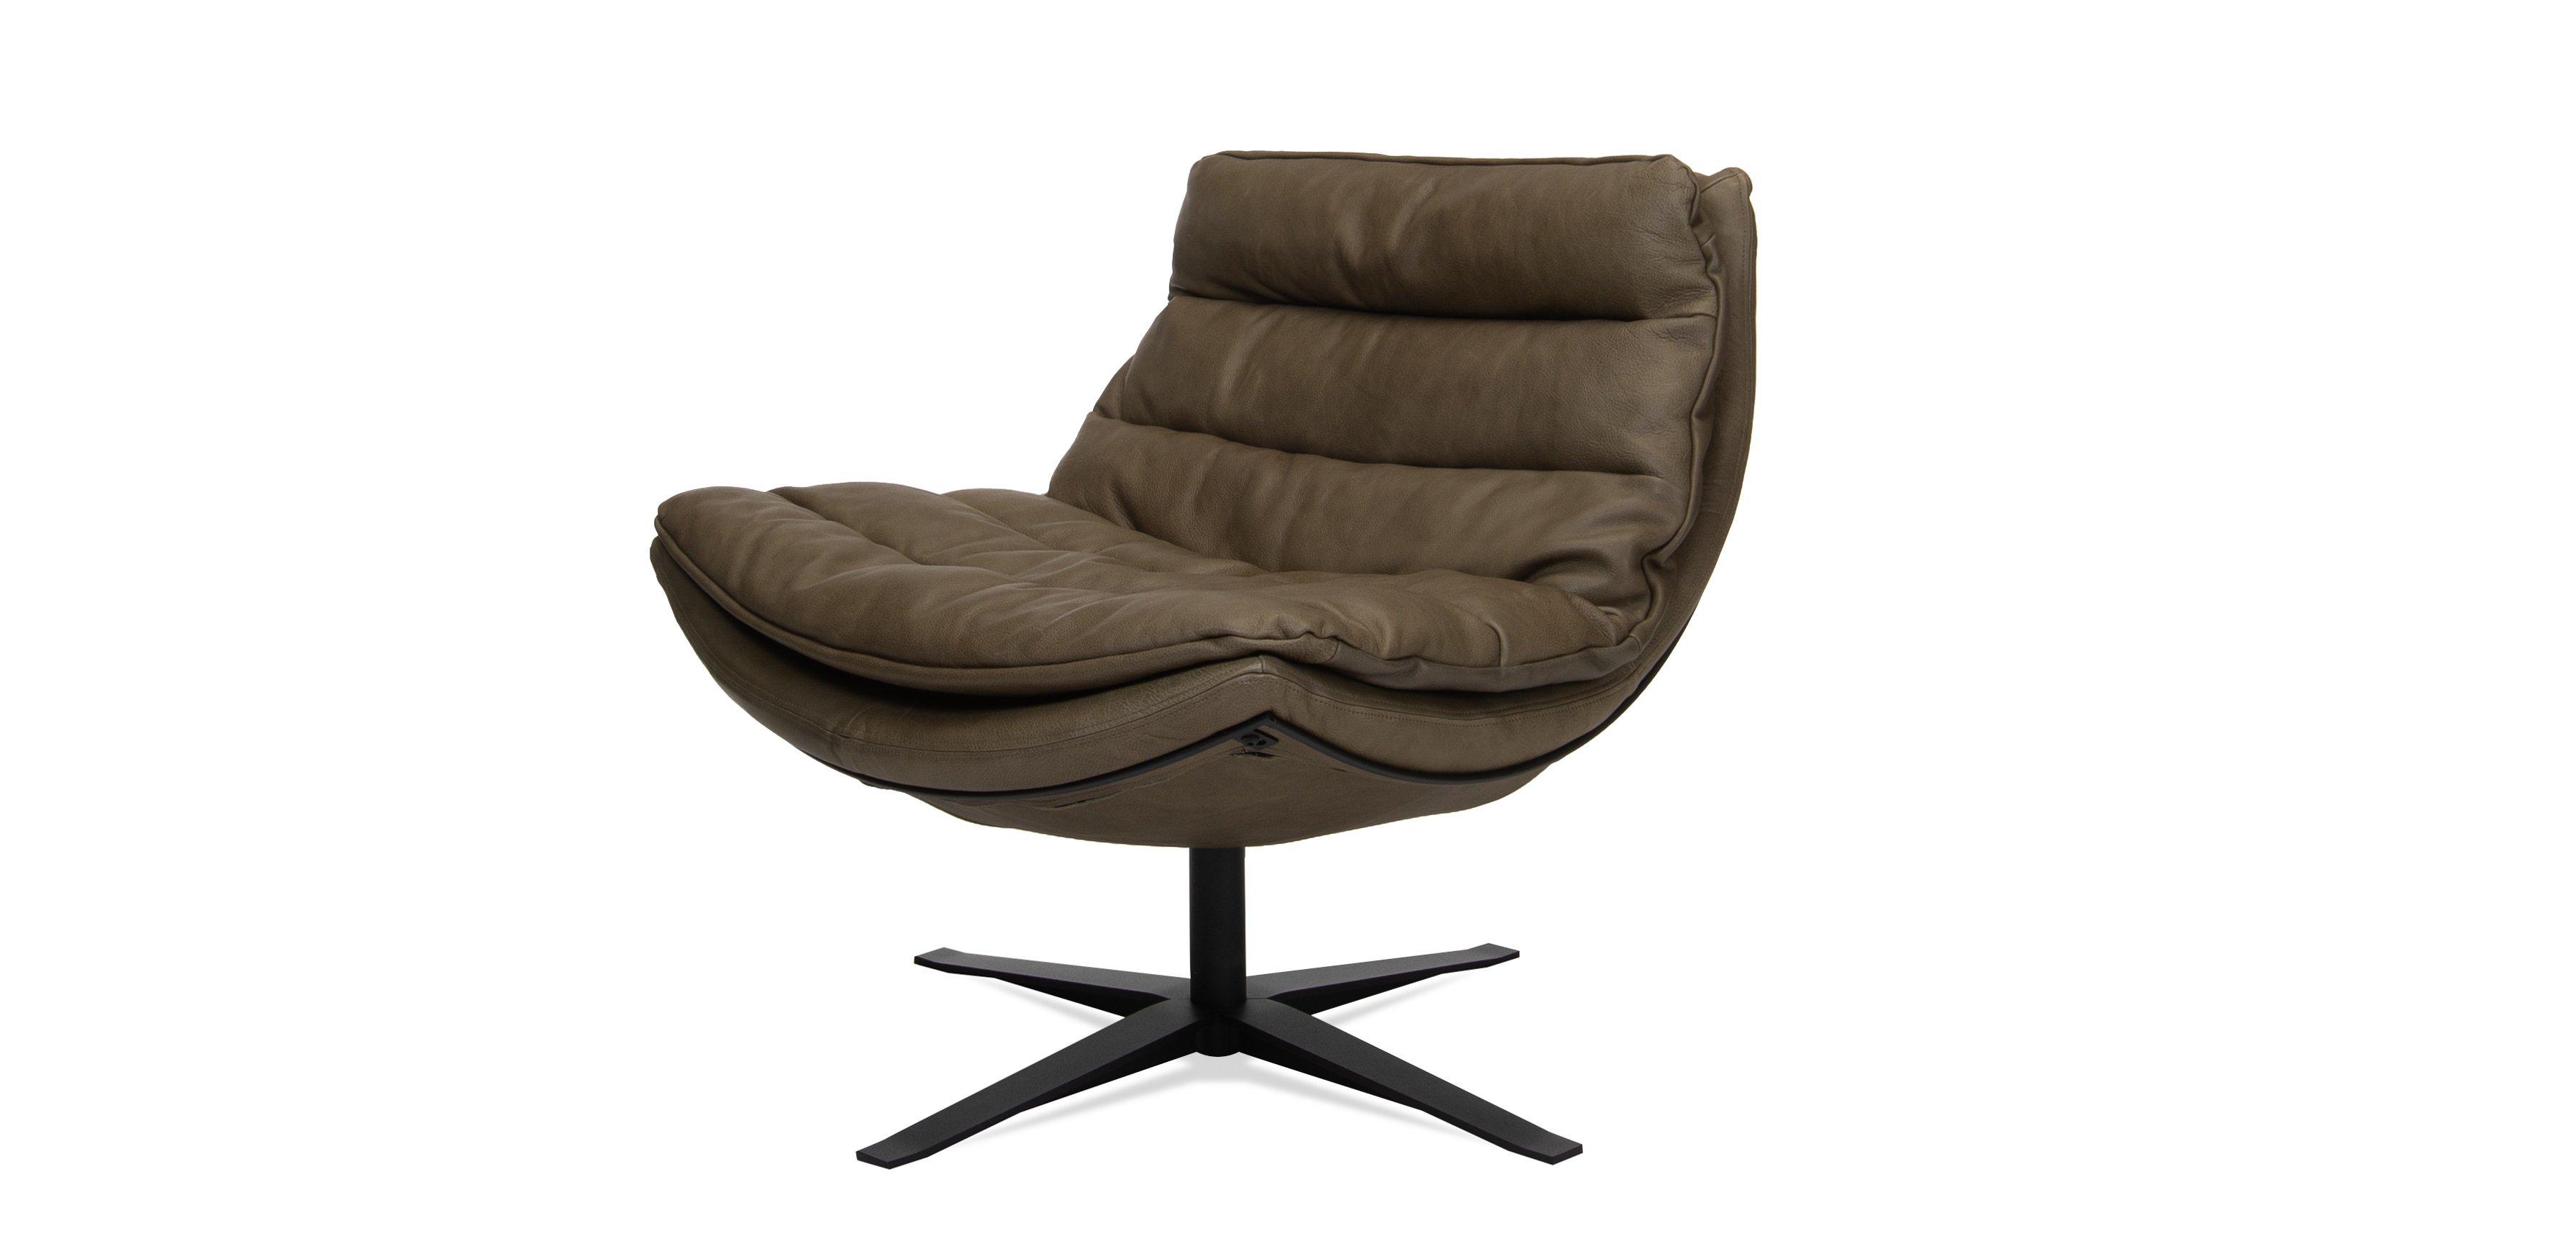 Kameraad fauteuil DYYK 2